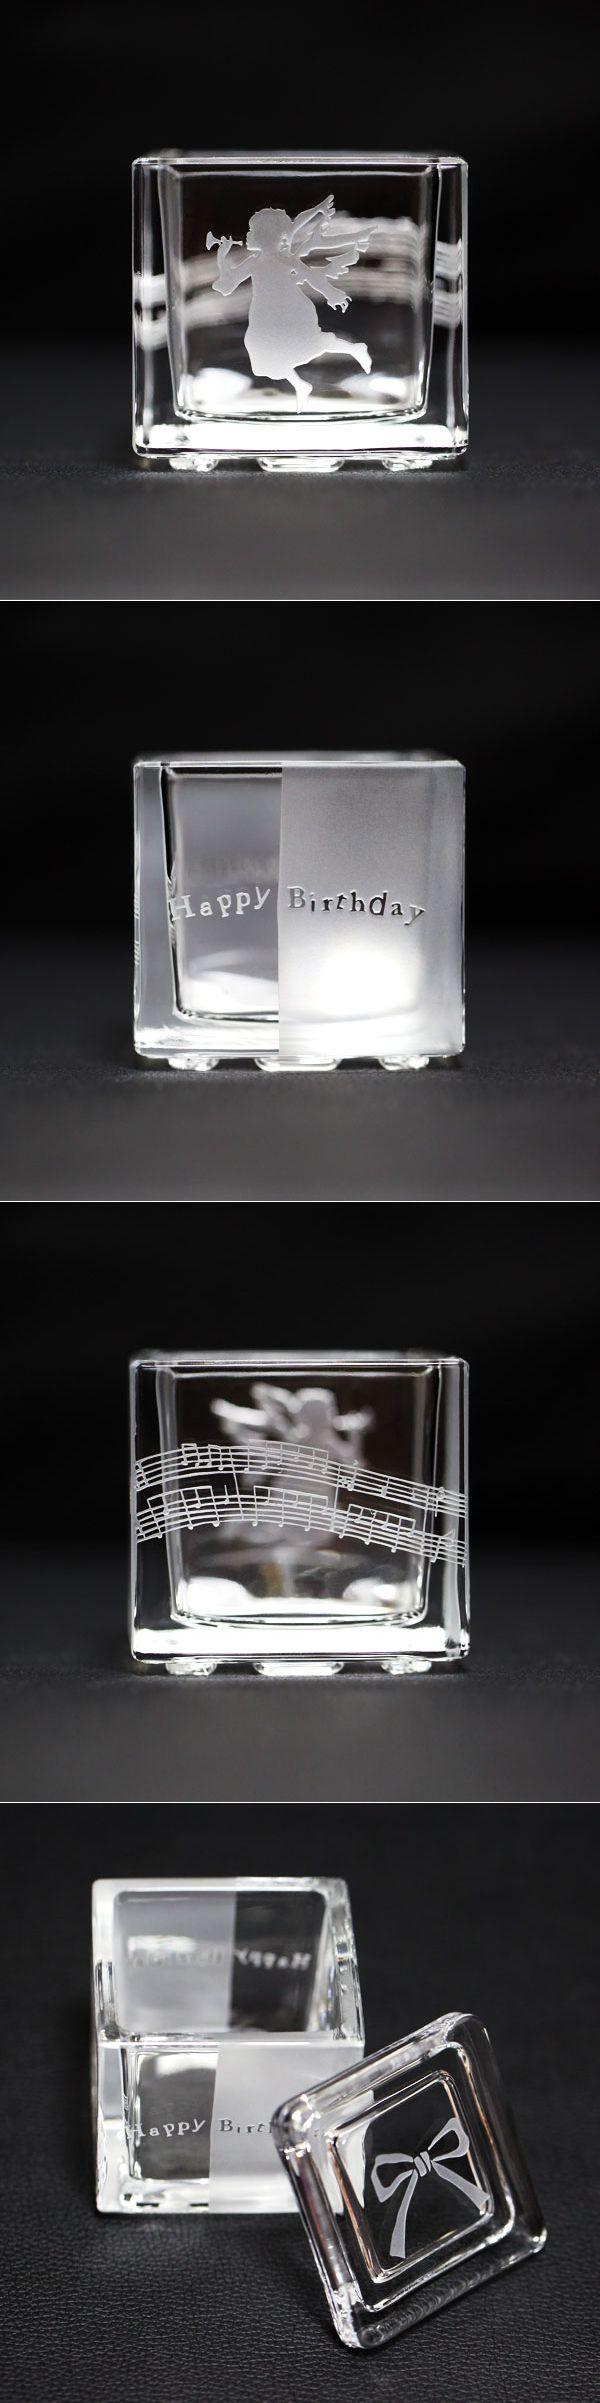 【 Glass Art 】映画やテレビで活躍中の女優、渡里安衣さんが制作した世界にただ1つのグラスアート作品、蓋付きガラスギフトボックス『 Birthday Cube 』がデビュンショップランドに登場! エンジェルが HappyBirthday を奏でている、とってもロマンティックな小さなキューブ状のガラスギフトボックスです ♪ 蓋にはリボンが描かれているので、お誕生日プレゼントにも最適 ♫ 指輪やジュエリーを贈る時のリングケースやジュエリーケースとして使用してもステキです♡ / http://dbyyunshopland.net/products/detail.php?product_id=60